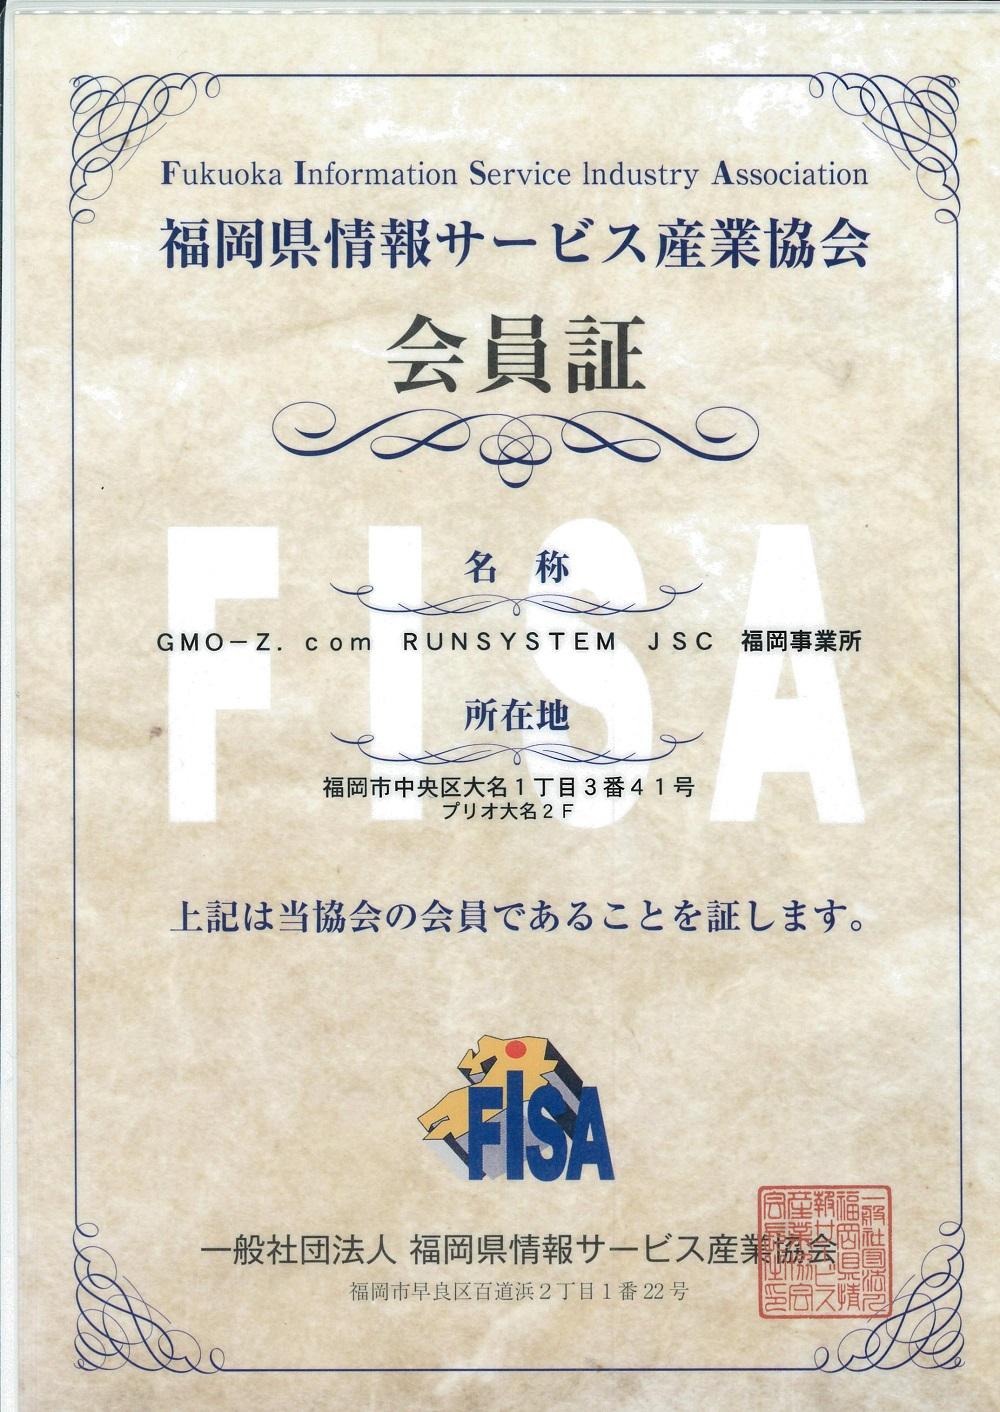 (写真)GMO-Z.com RUNSYSTEMは福岡県情報サービス産業協会(FISA)に加入しました。